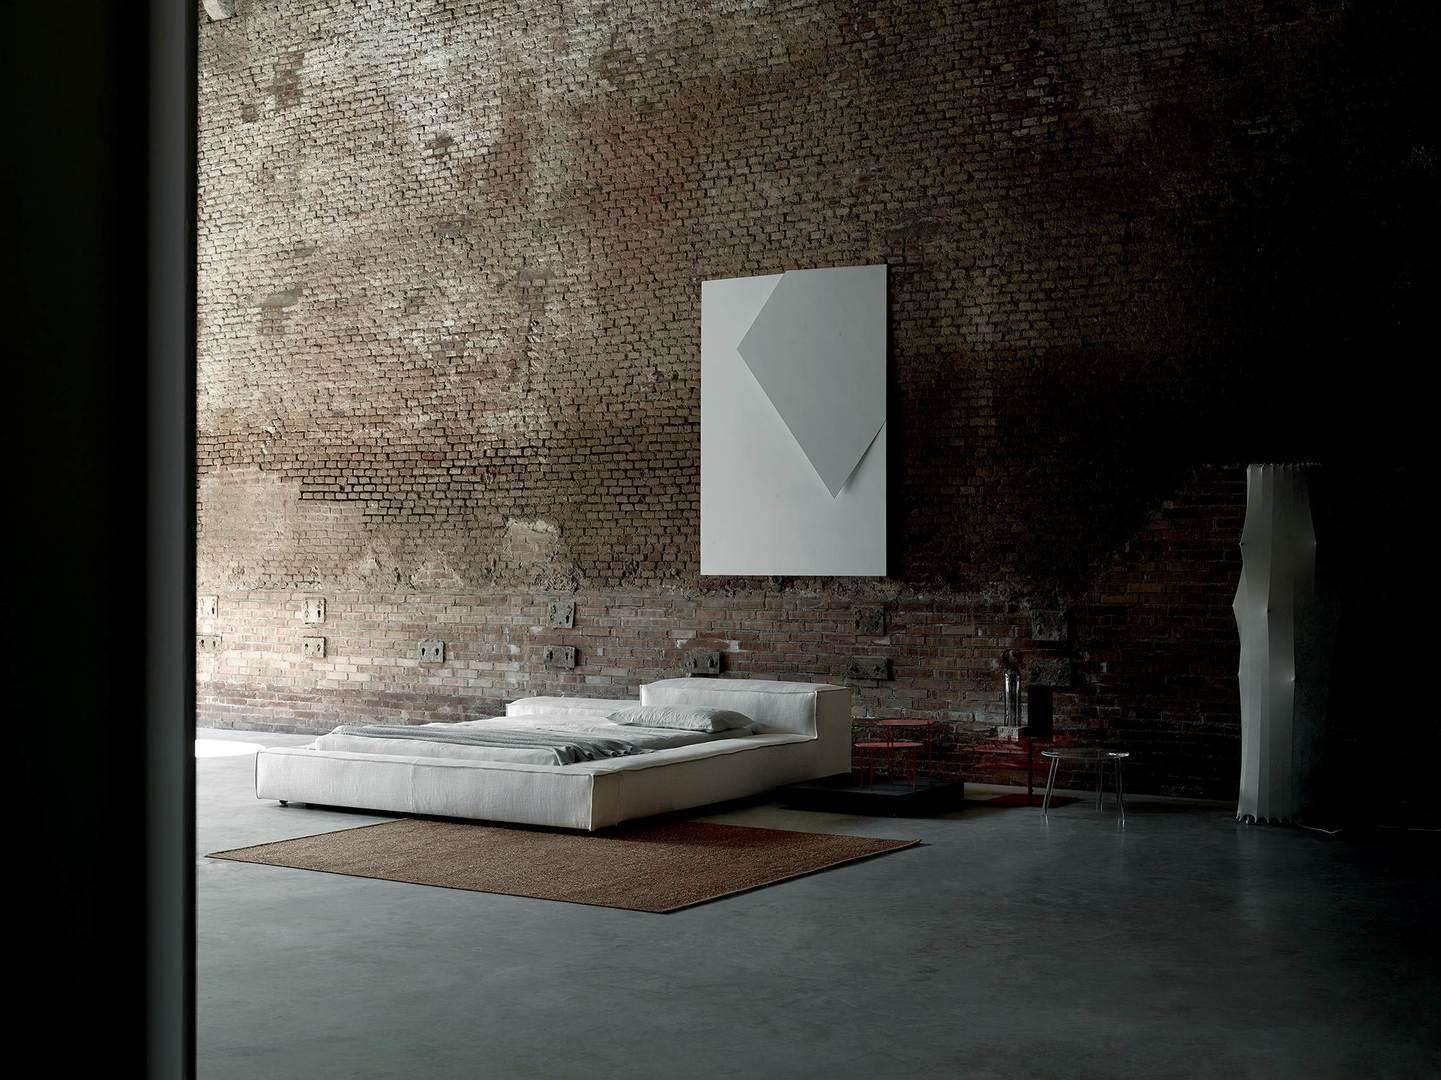 ExtraSoft-Bed--1-_jpg.jpg